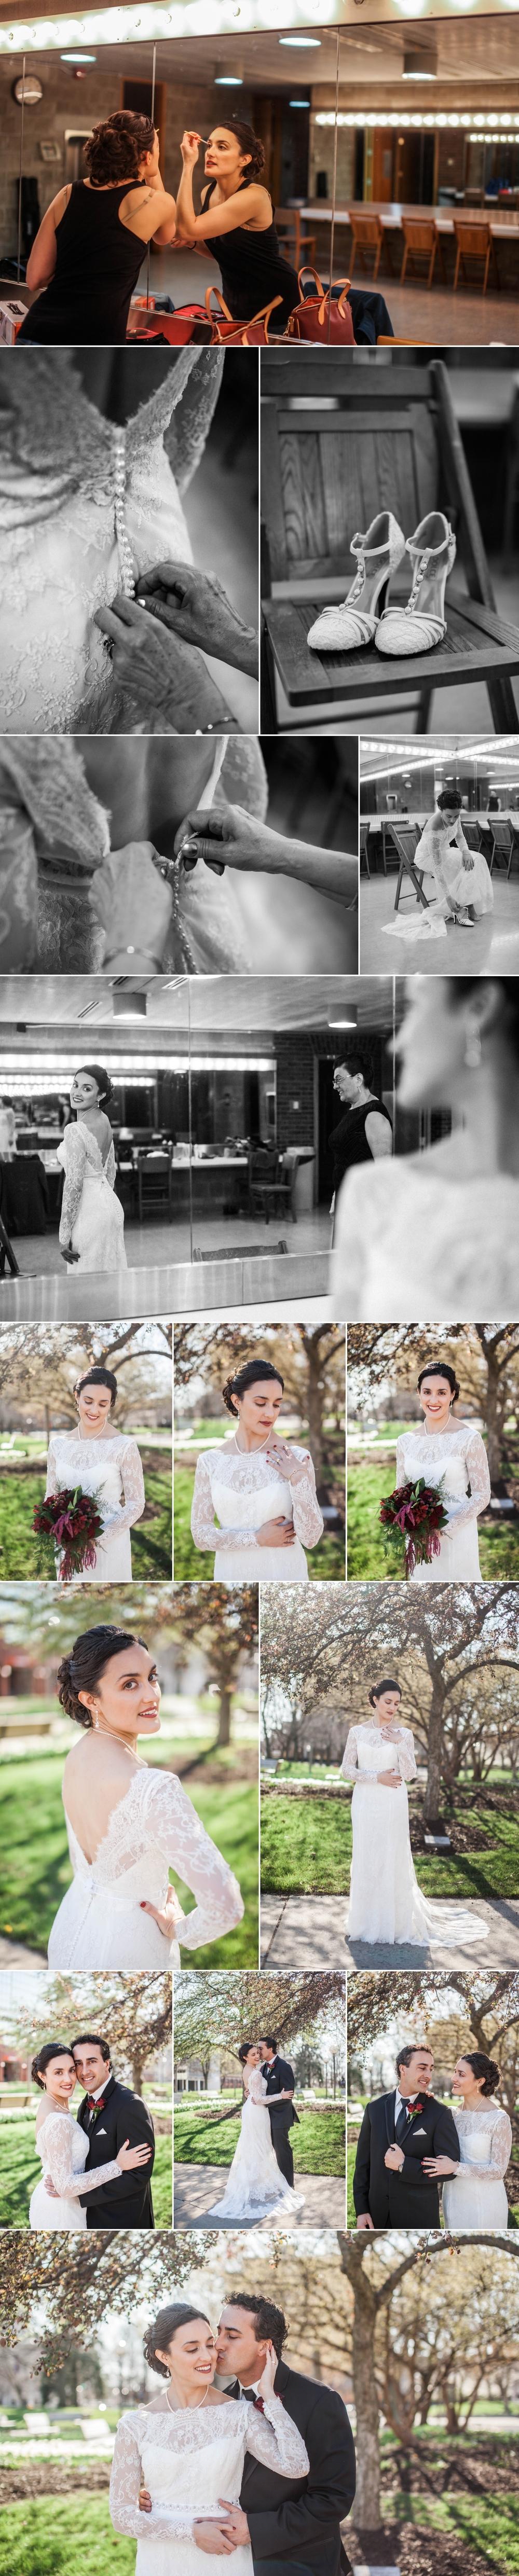 bride-wedding-shoes-park-bridal-portrait-groom-bouquet